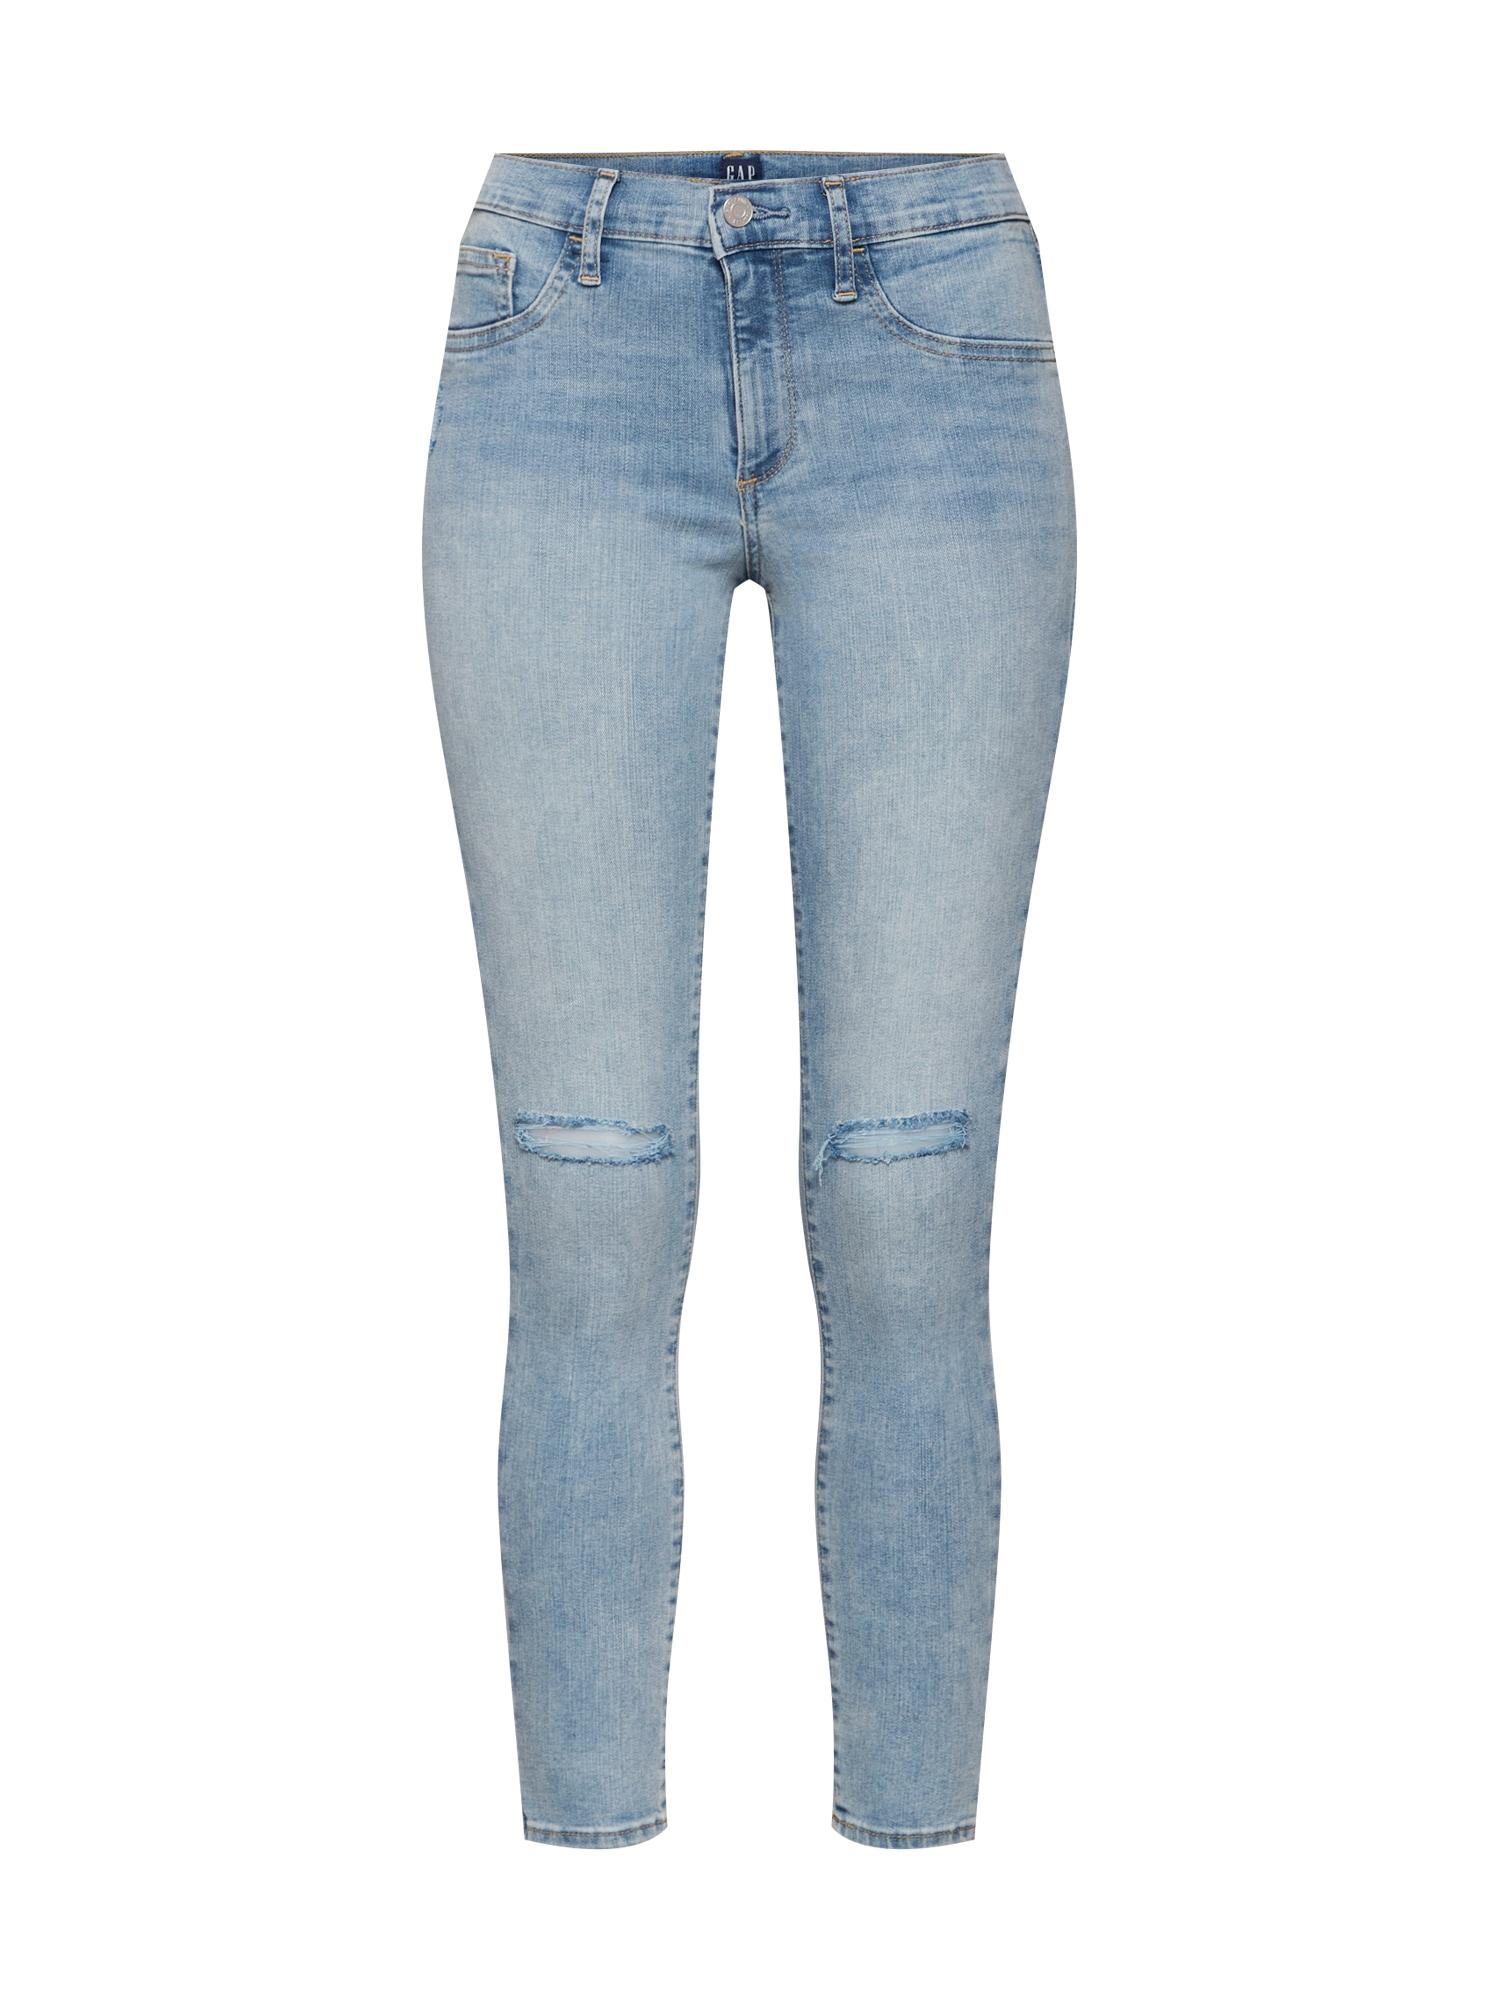 Kalhoty modrá džínovina světlemodrá GAP